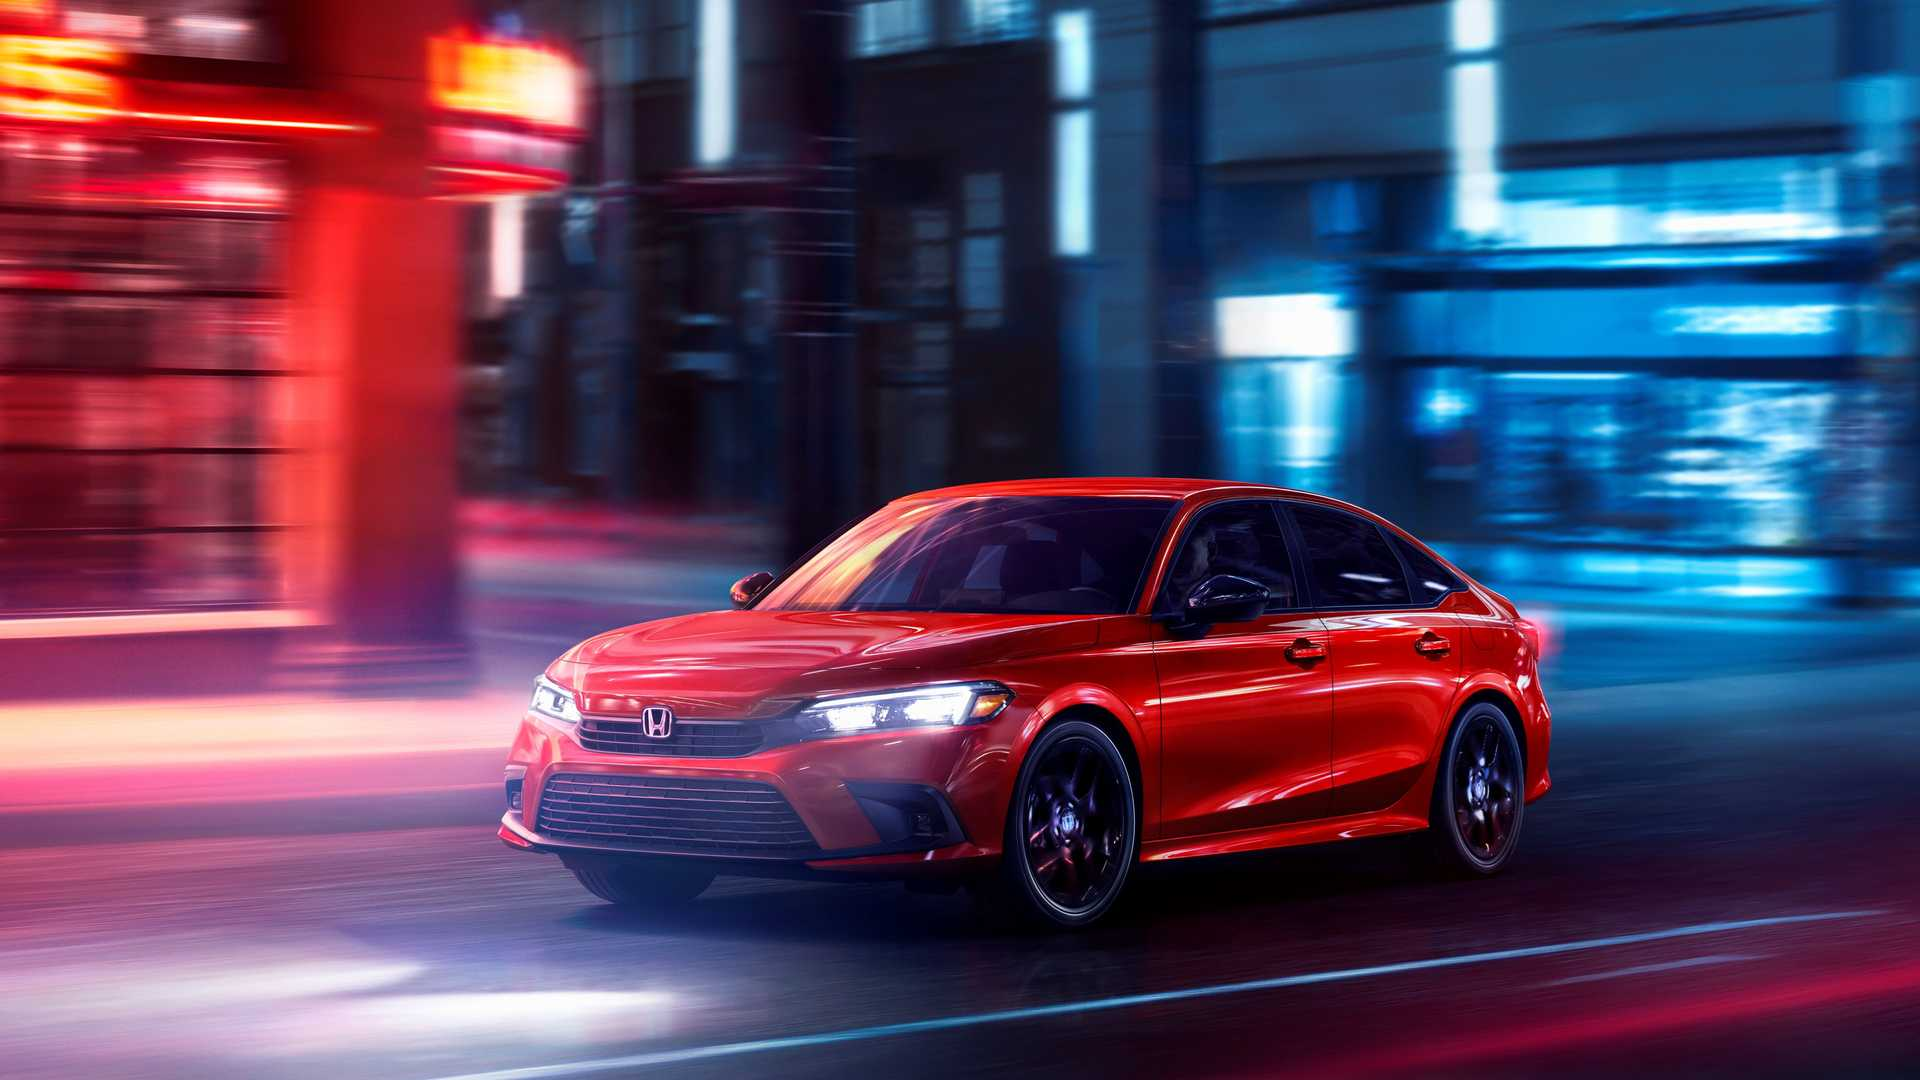 Las claves del nuevo Honda Civic según Honda 2